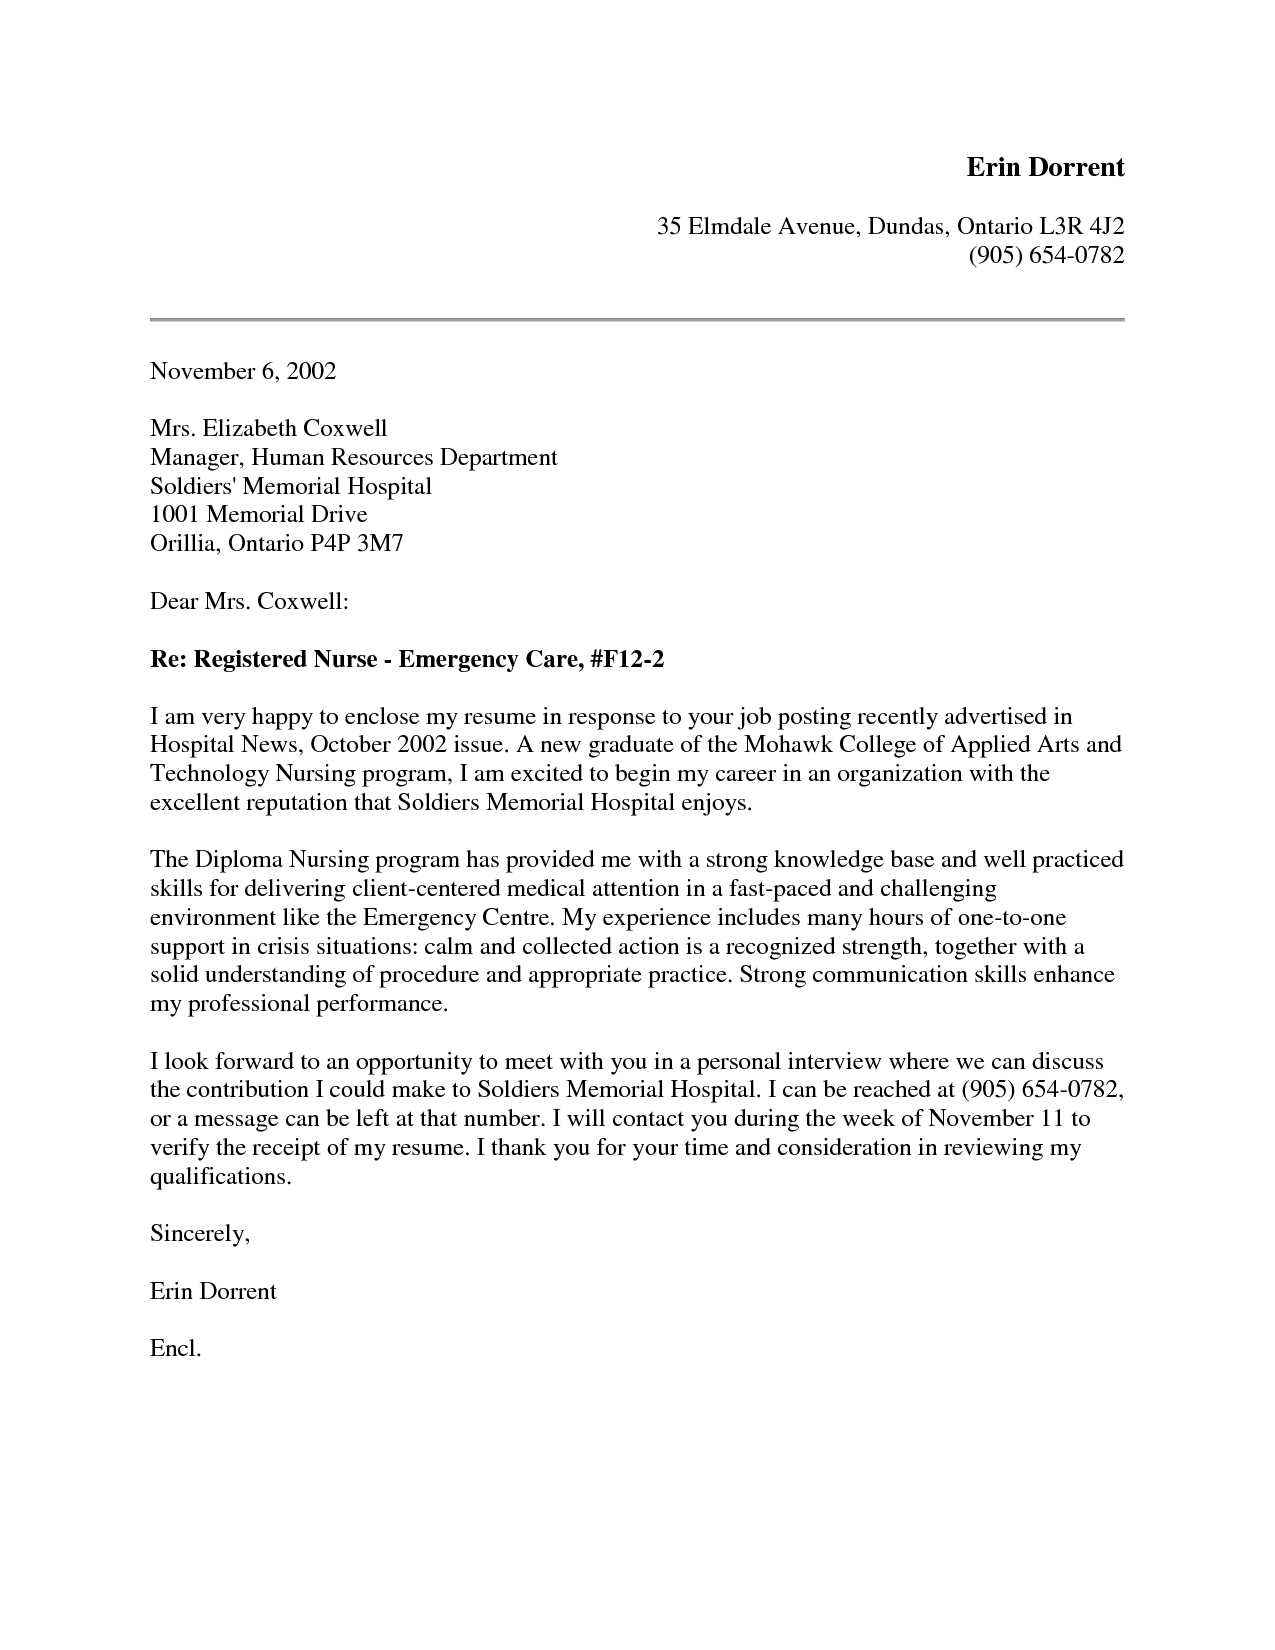 New Grad Nursing Cover Letter